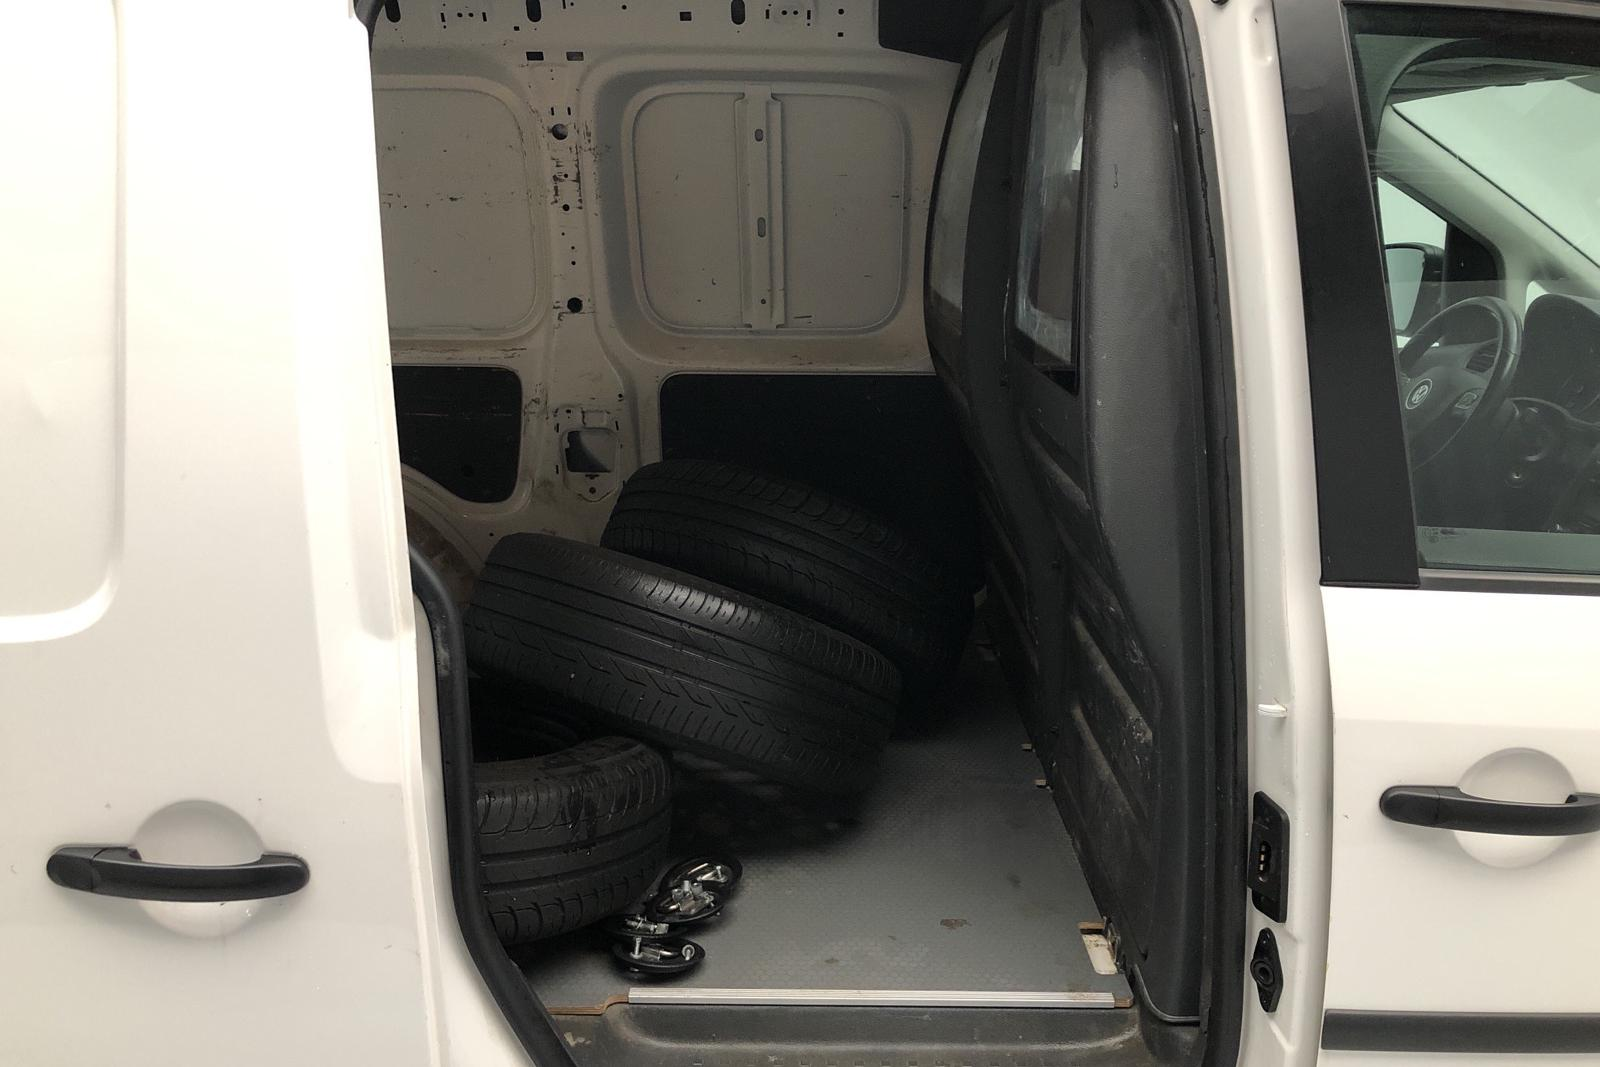 VW Caddy 1.6 TDI Maxi Skåp (102hk) - 6 614 mil - Manuell - vit - 2015